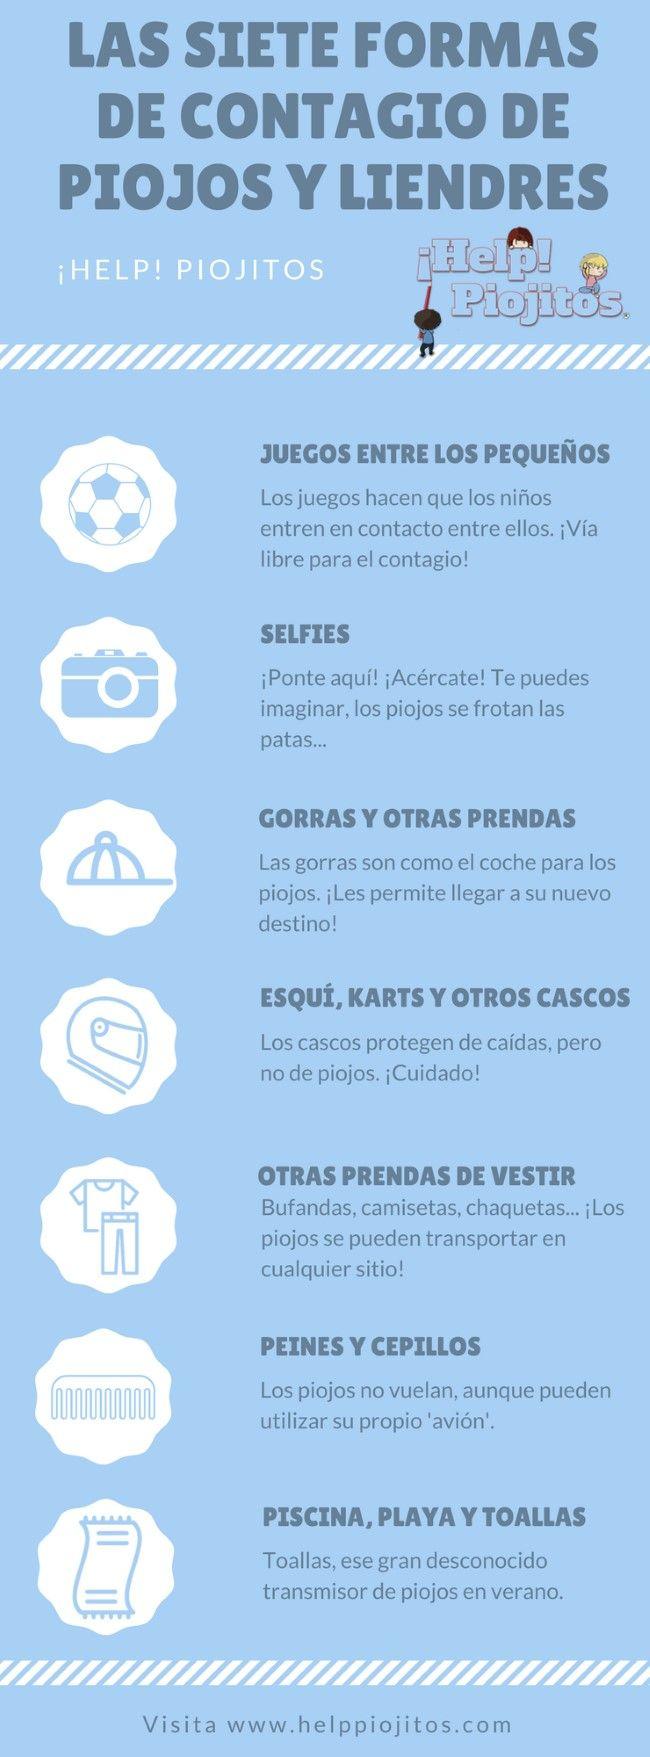 Las 7 maneras más habituales de #contagio de #piojos. ¿Cómo se contagian los piojos? www.helppiojitos.com